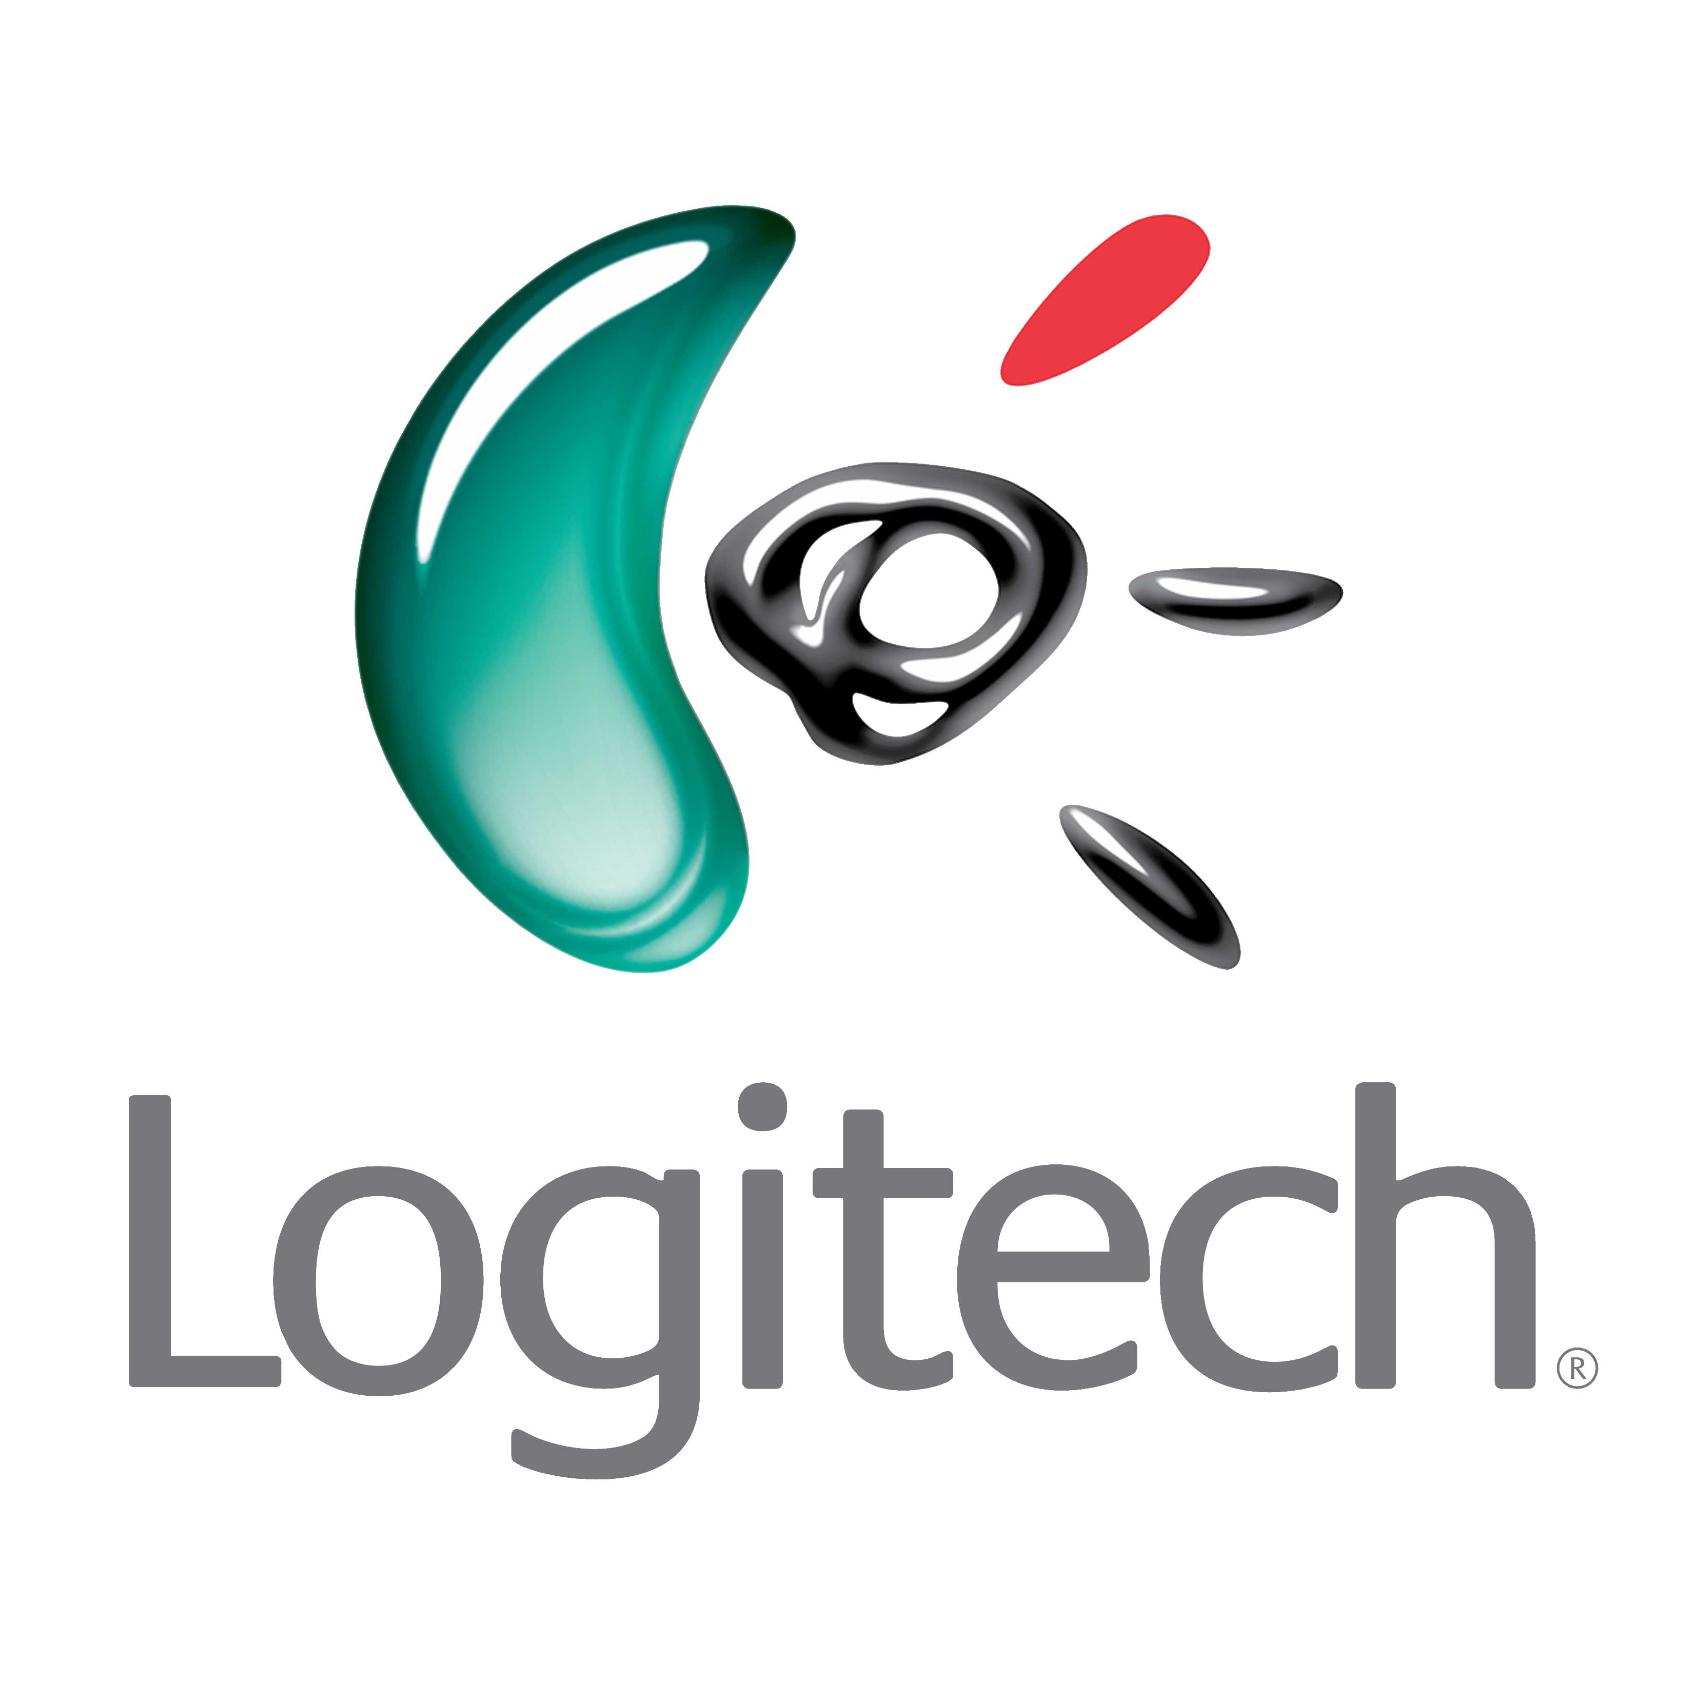 史低价!Logitech /罗技 G915键盘 到手仅需159.99欧!颜值超高,用起来也超级顺手哟!